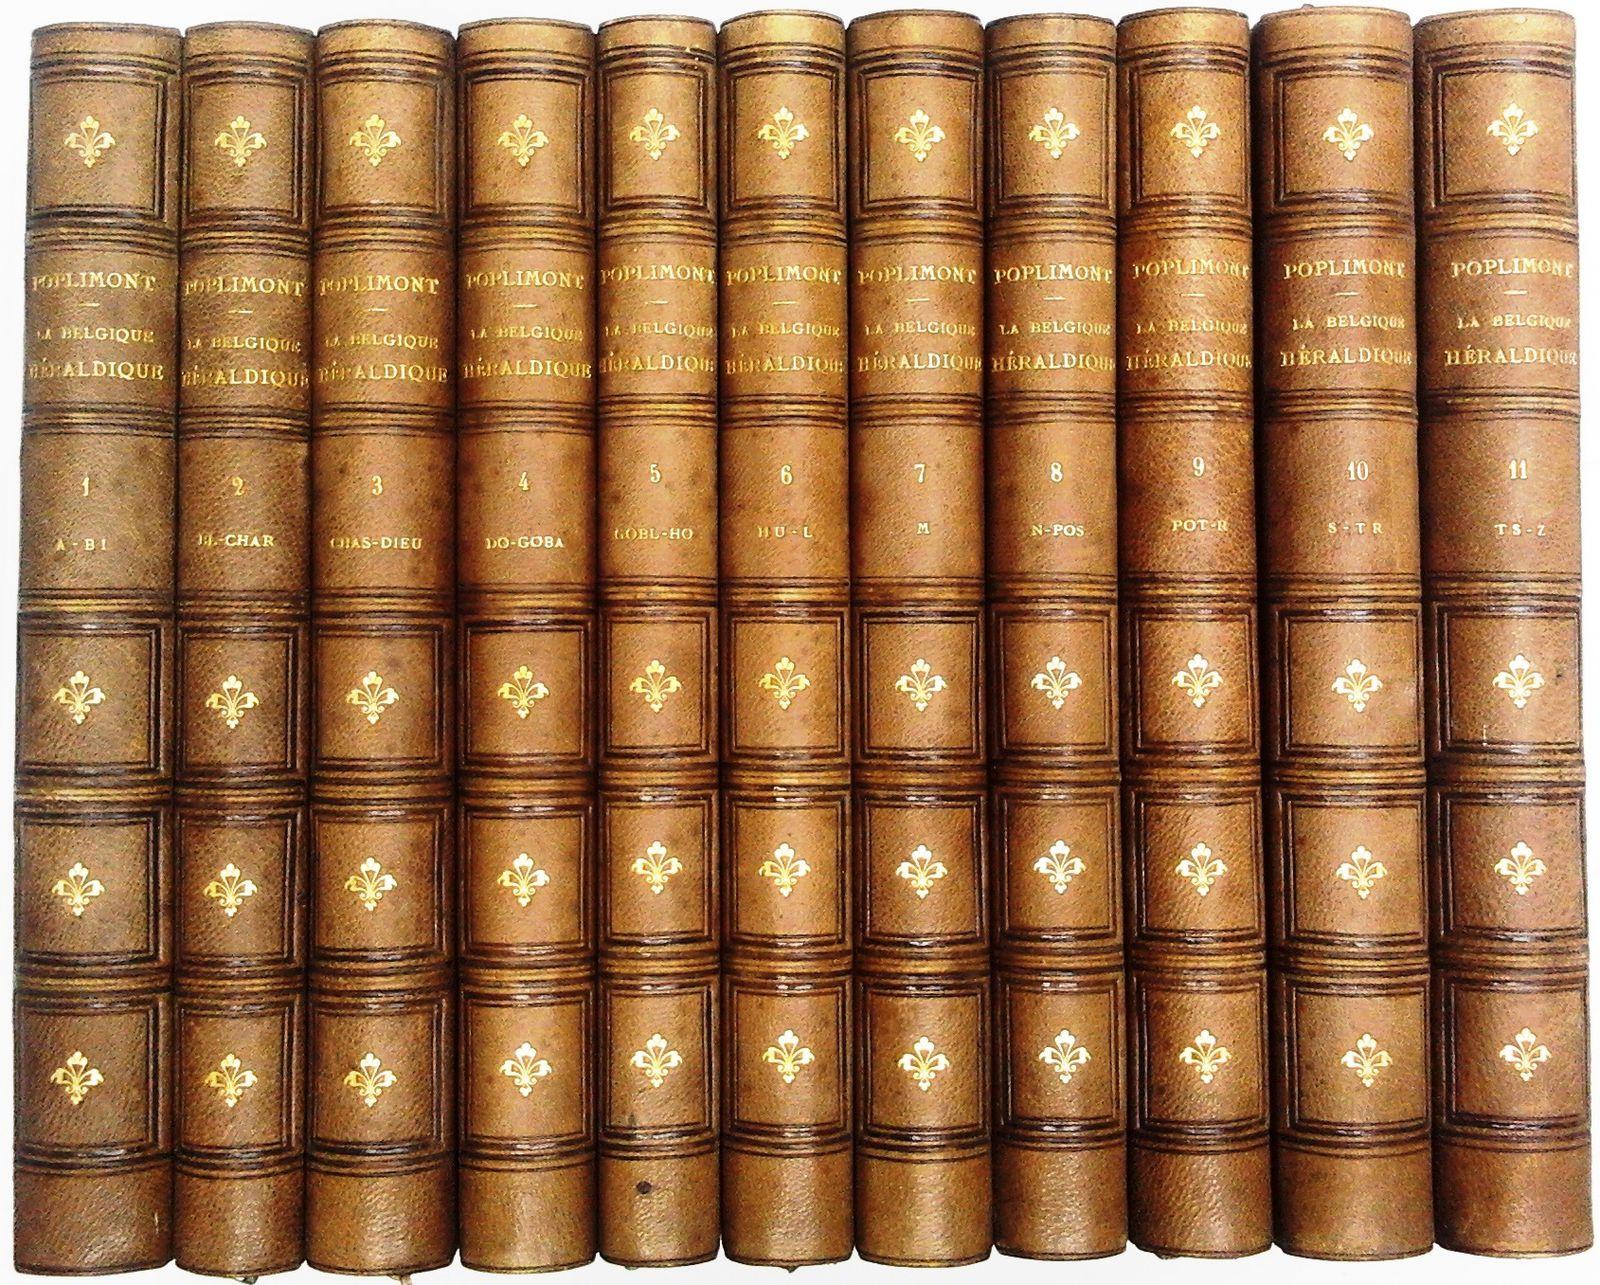 VENDU La Belgique héraldique. Recueil historique, chronologique, généalogique et biographique complet de toutes les maisons nobles reconnues par la Belgique